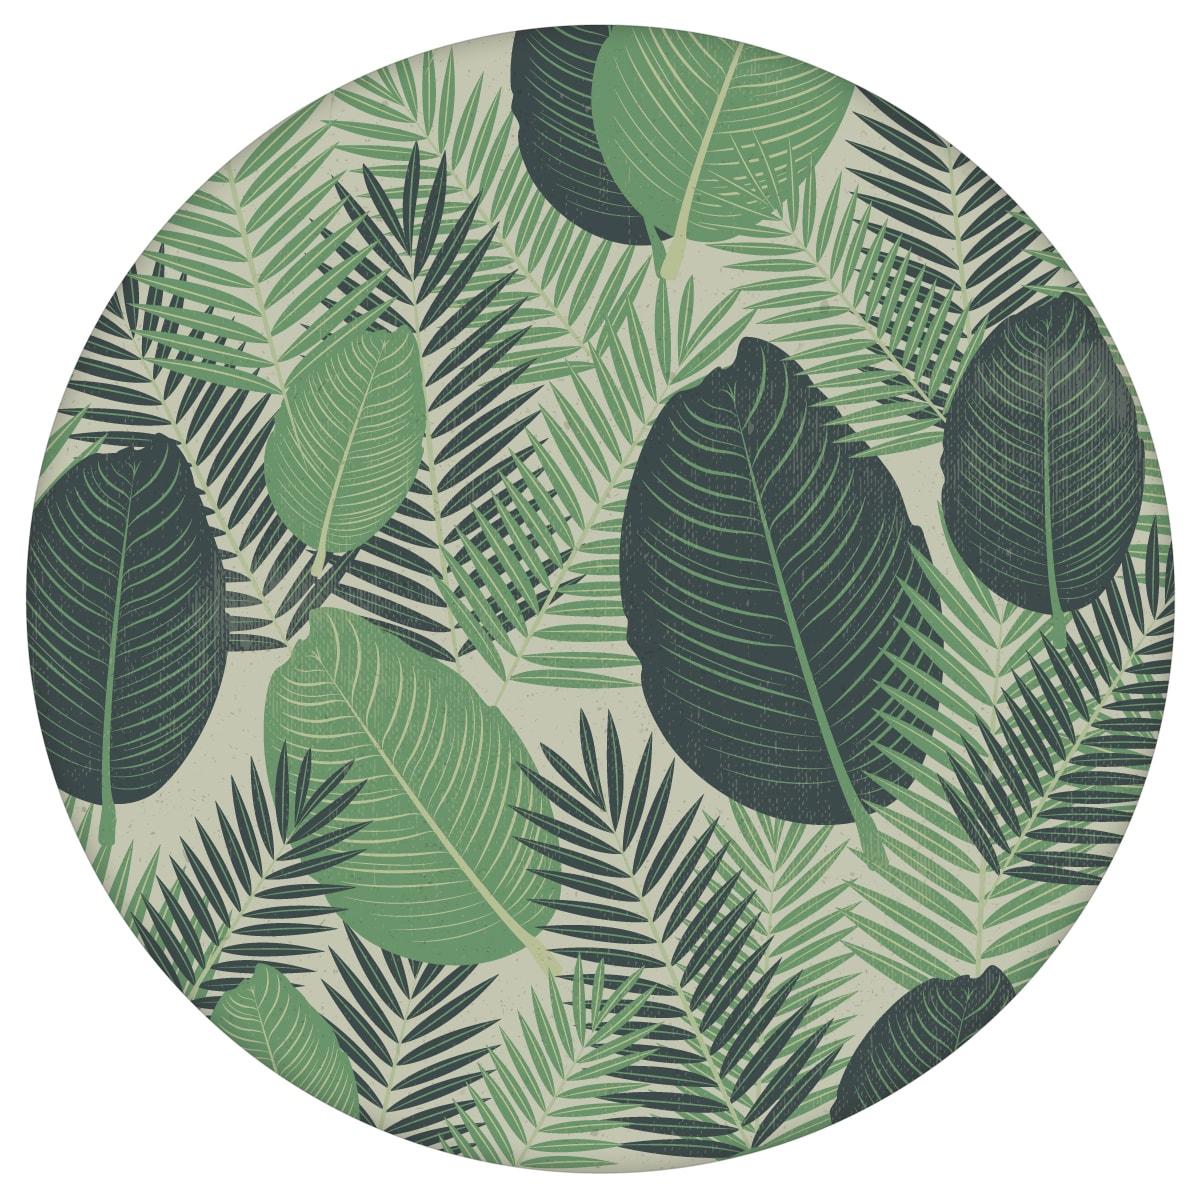 Grüne Dschungel Tapete mit großen Blättern, exotische Vlies-Tapete Natur, moderner Wohnakzent für Schlafzimmer aus den Tapeten Neuheiten Blumentapeten und Borten als Naturaltouch Luxus Vliestapete oder Basic Vliestapete